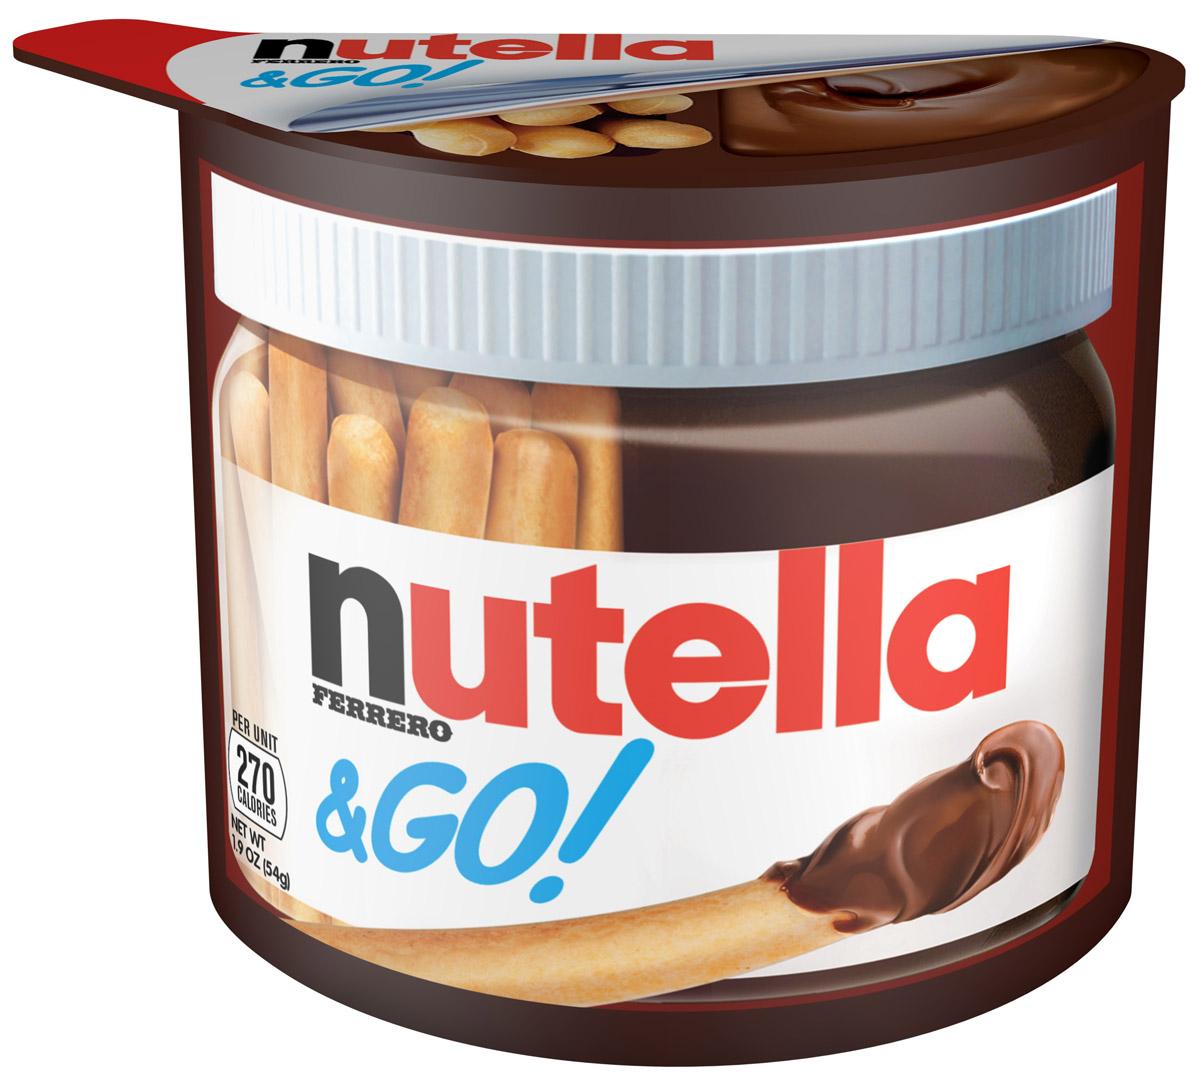 Nutella&Go: набор из хлебных палочек и пасты ореховой Nutella с добавлением какао, 52 г0120710Nutella обладает неповторимым вкусом лесных орехов и какао, а ее нежная кремовая текстура делает вкус еще интенсивнее. Секрет уникального вкуса в особенном рецепте, отборных ингредиентах и тщательном приготовлении. При производстве Nutella не используются консерванты и красители. Сегодня Nutella является одной из самых узнаваемых и любимых марок в мире, продуктом, продажи которого составляют треть годового оборота компании Ferrero. Хороший день начинается с Nutella!